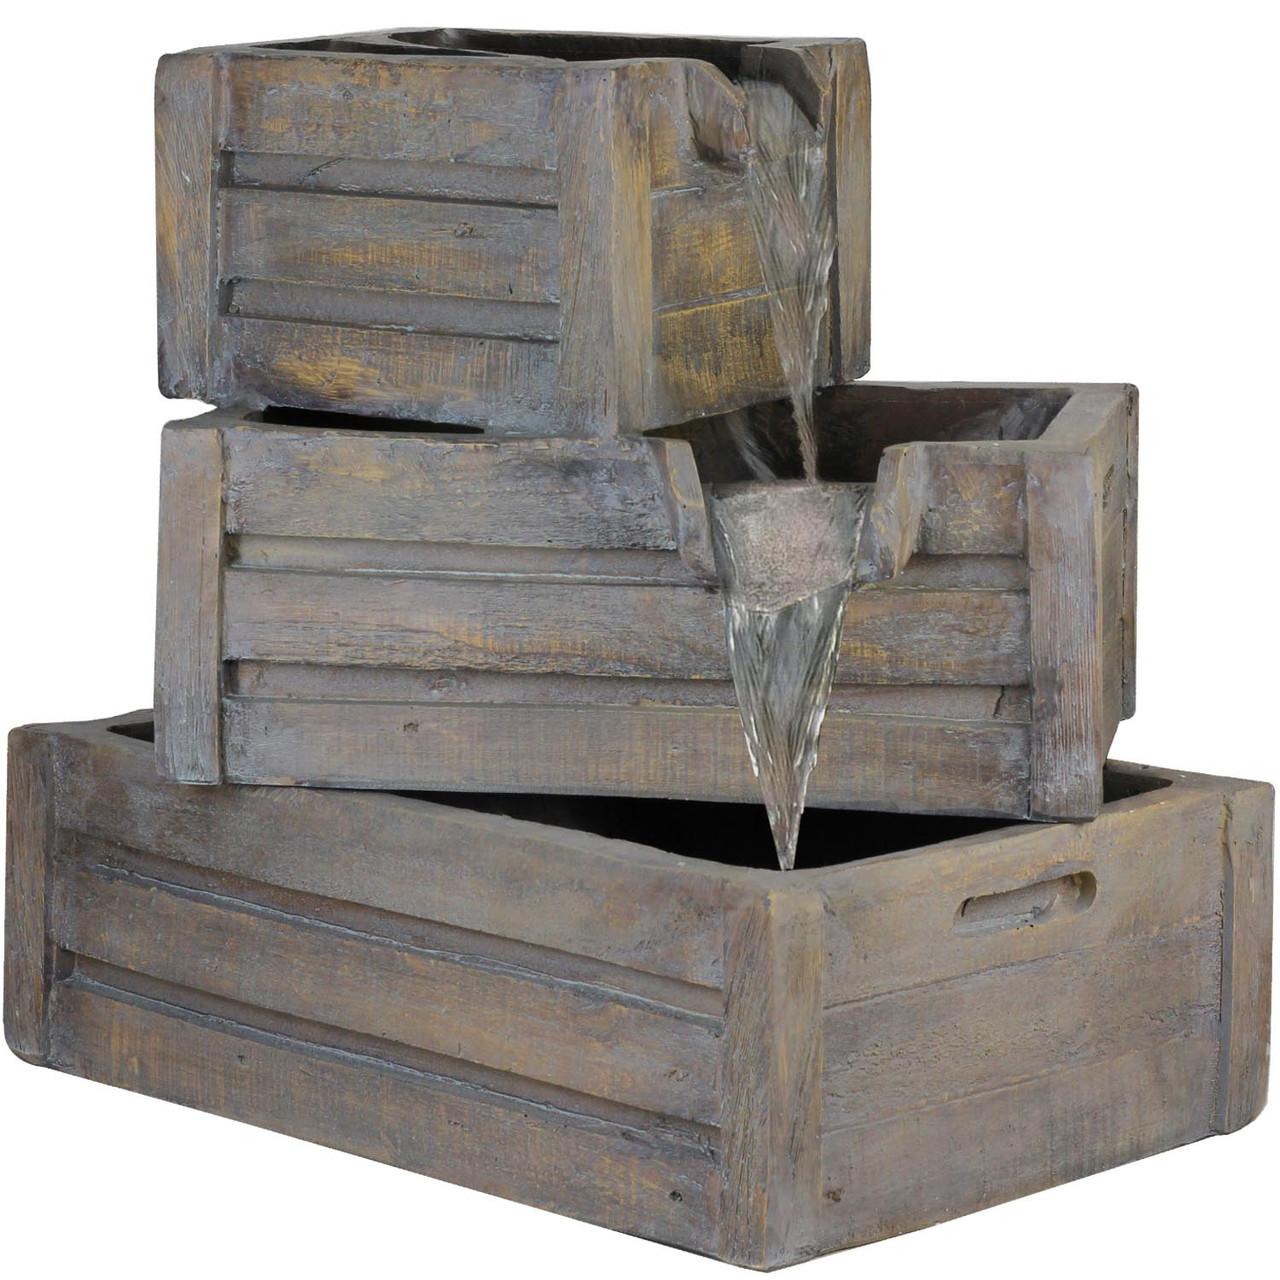 21 Three Tier Planter Boxes Outdoor Patio Garden Water Fountain